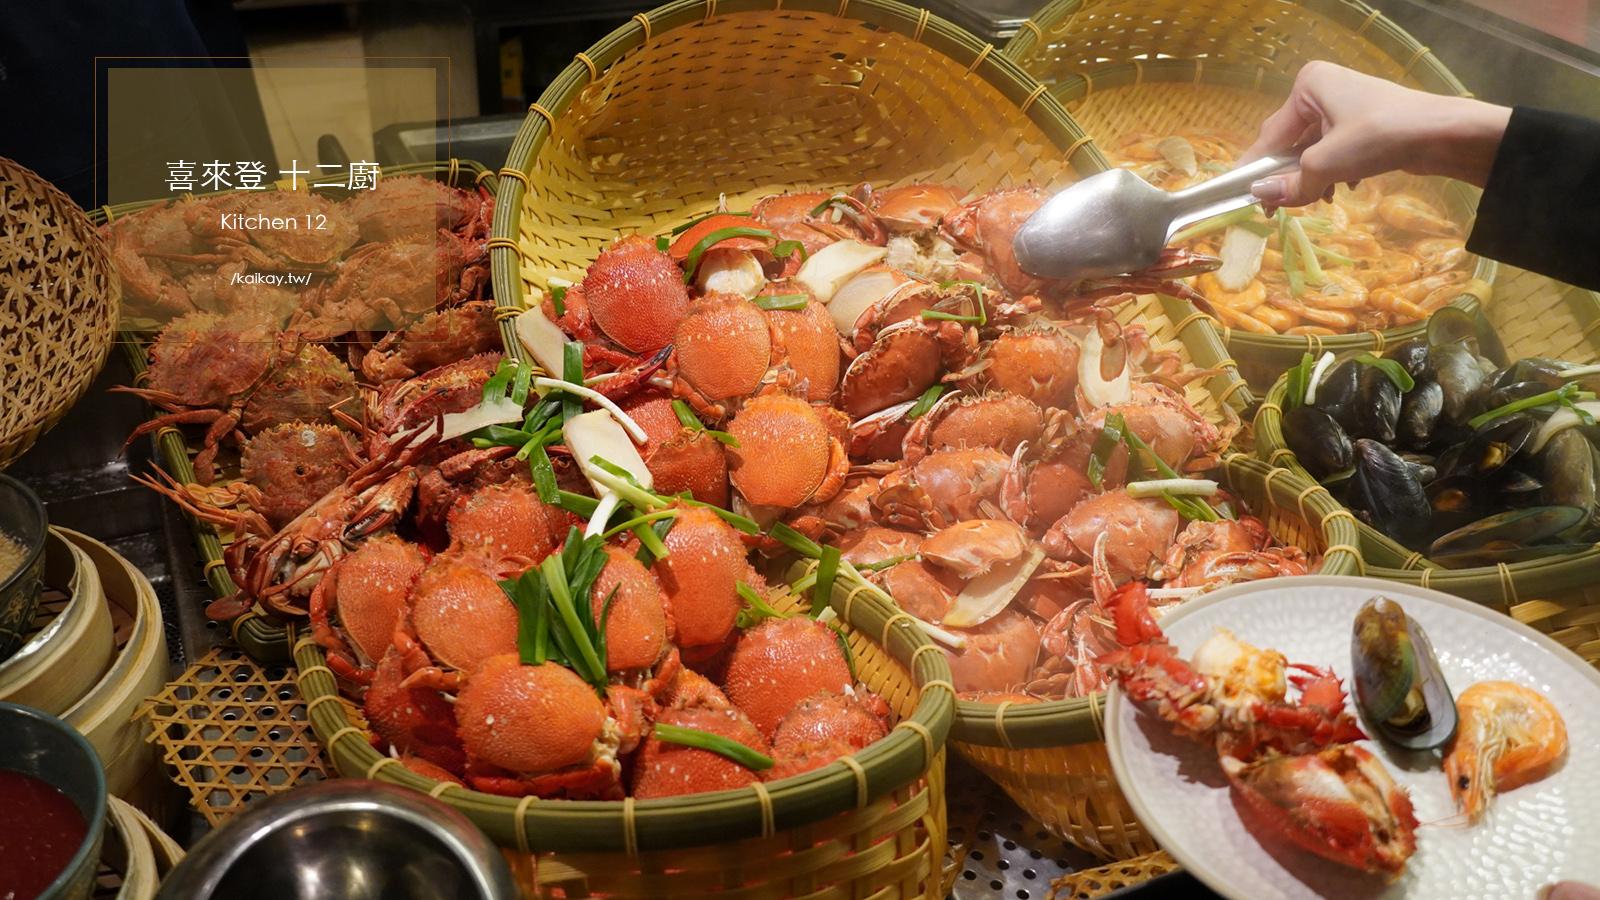 ☆【台北|善導寺站】喜來登十二廚全新改裝自助餐。吃到飽線上優惠最低$679 @凱的日本食尚日記